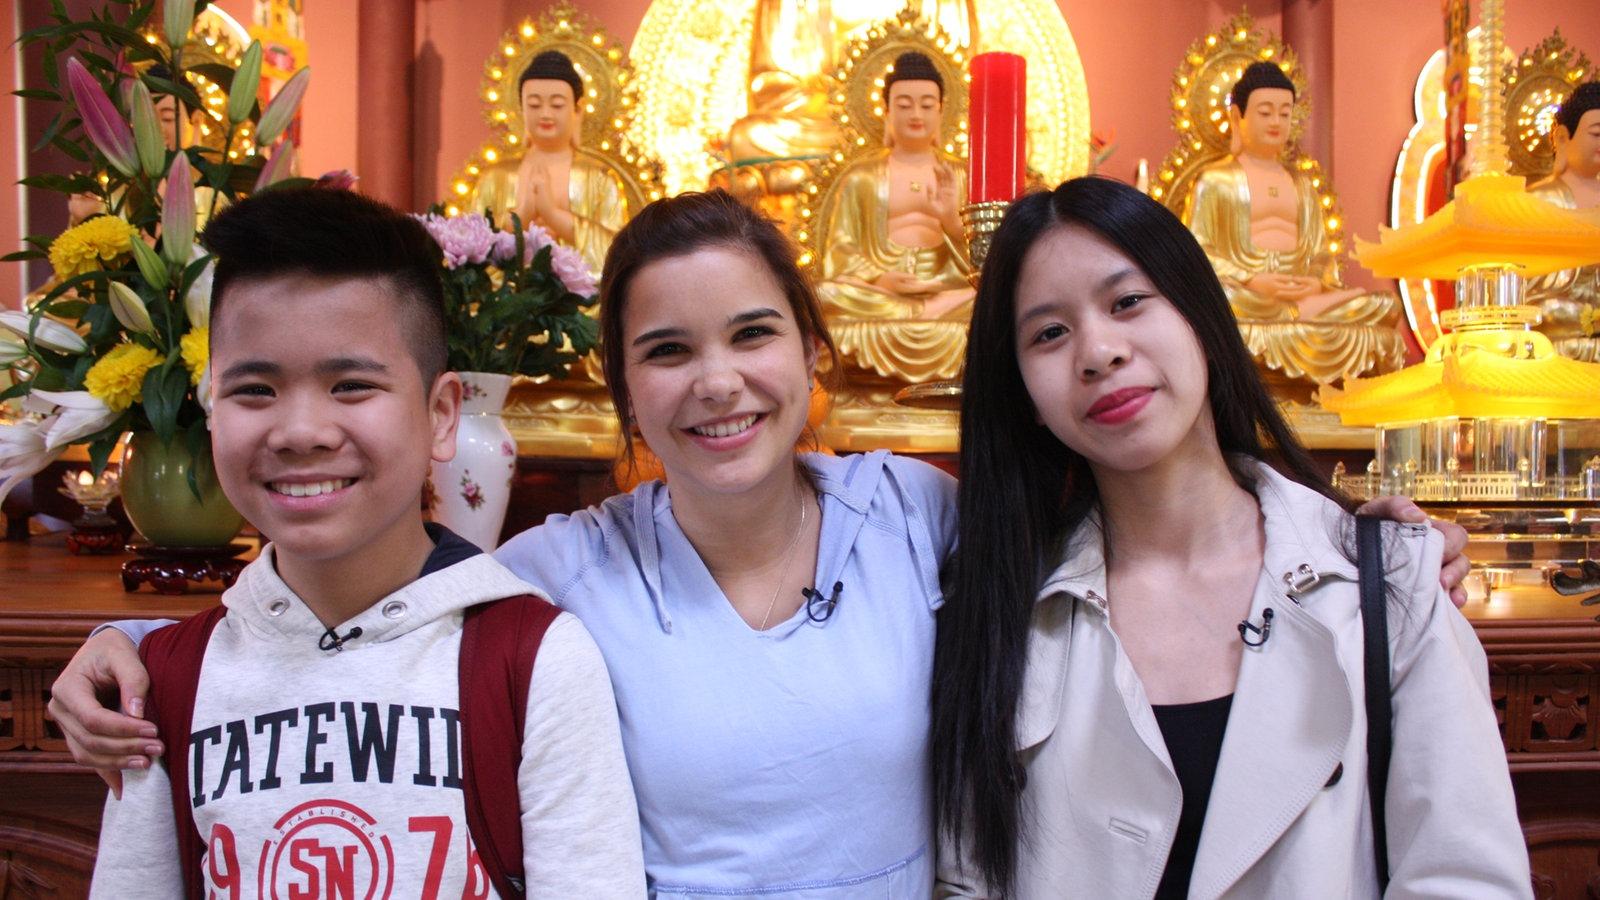 Frauen suchen männer vietnam